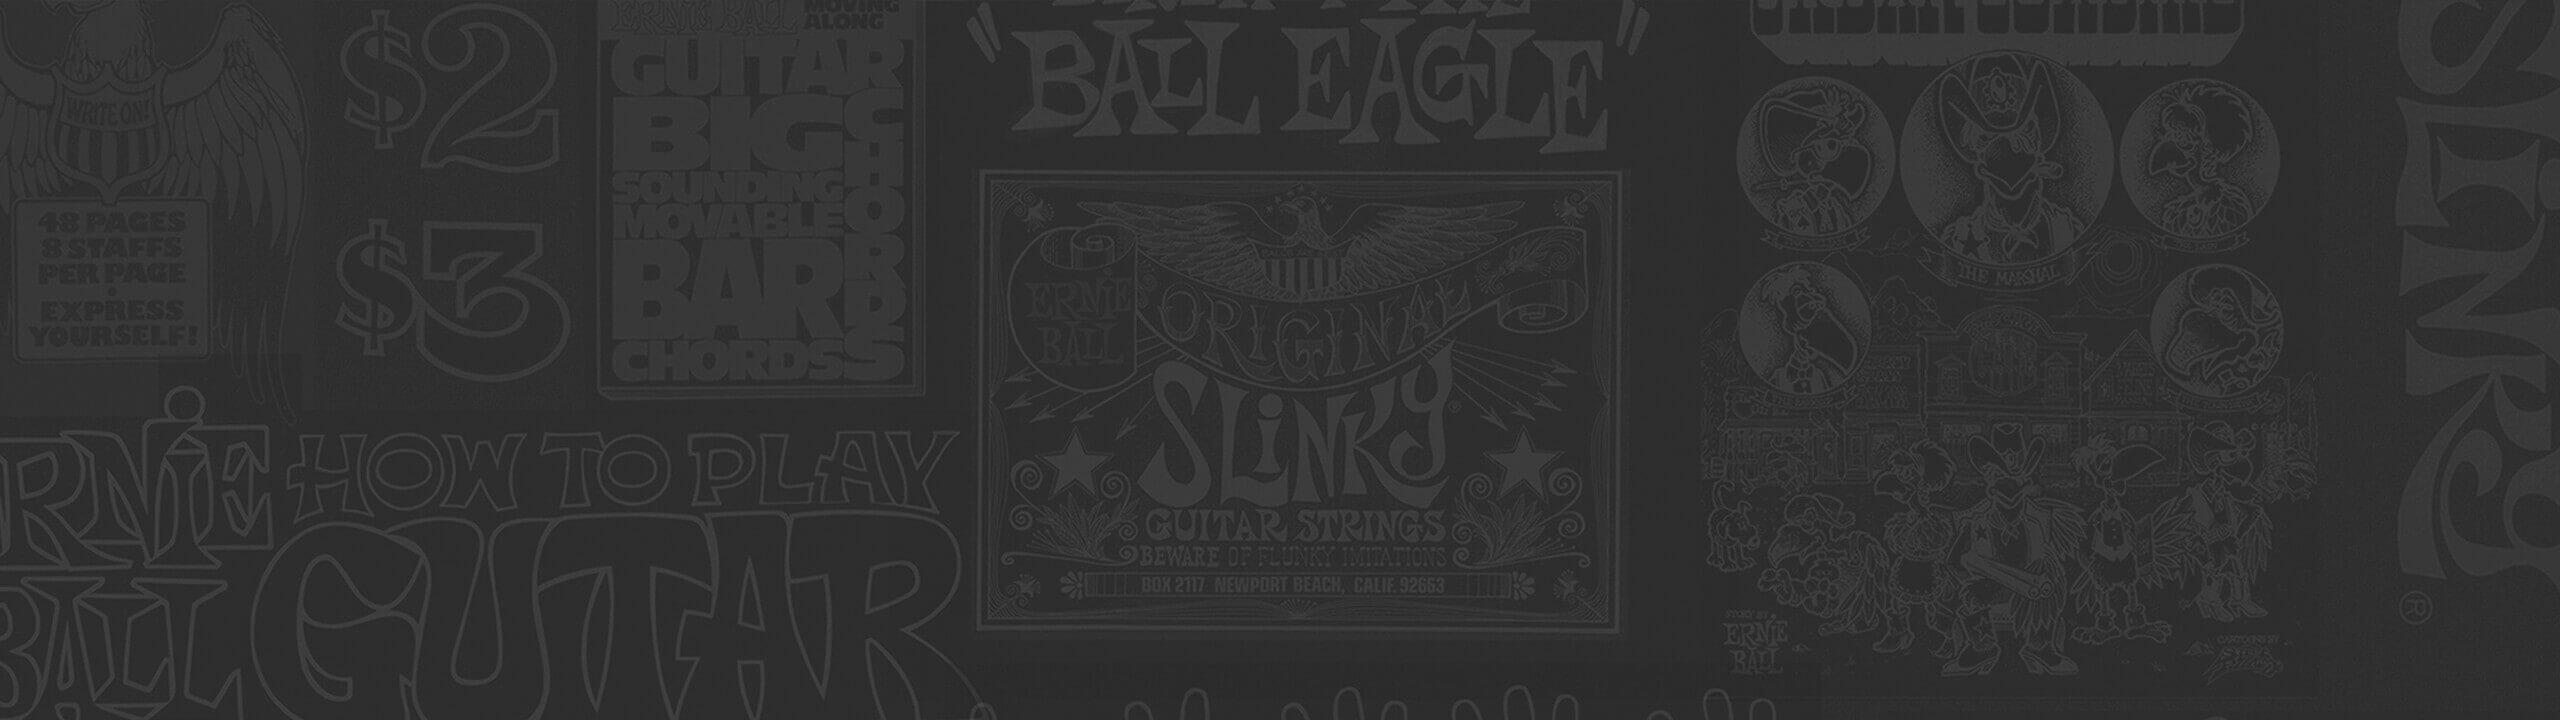 FAQ | Ernie Ball